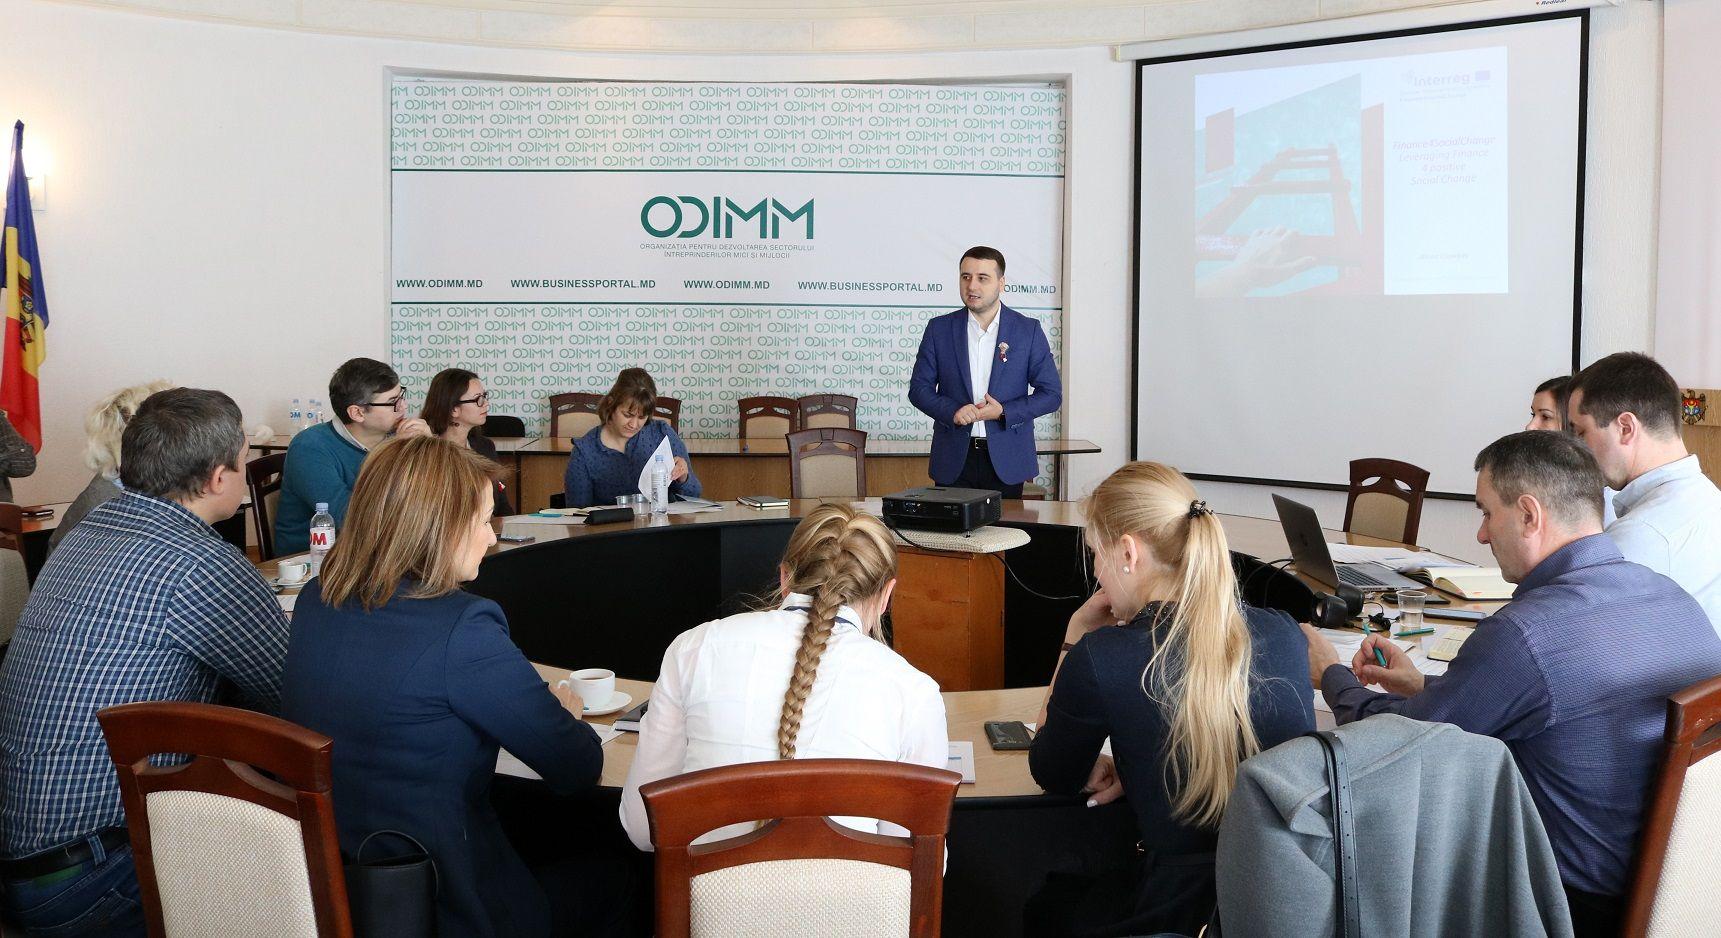 Antreprenoriatul social – un nou subiect în vizorul ODIMM